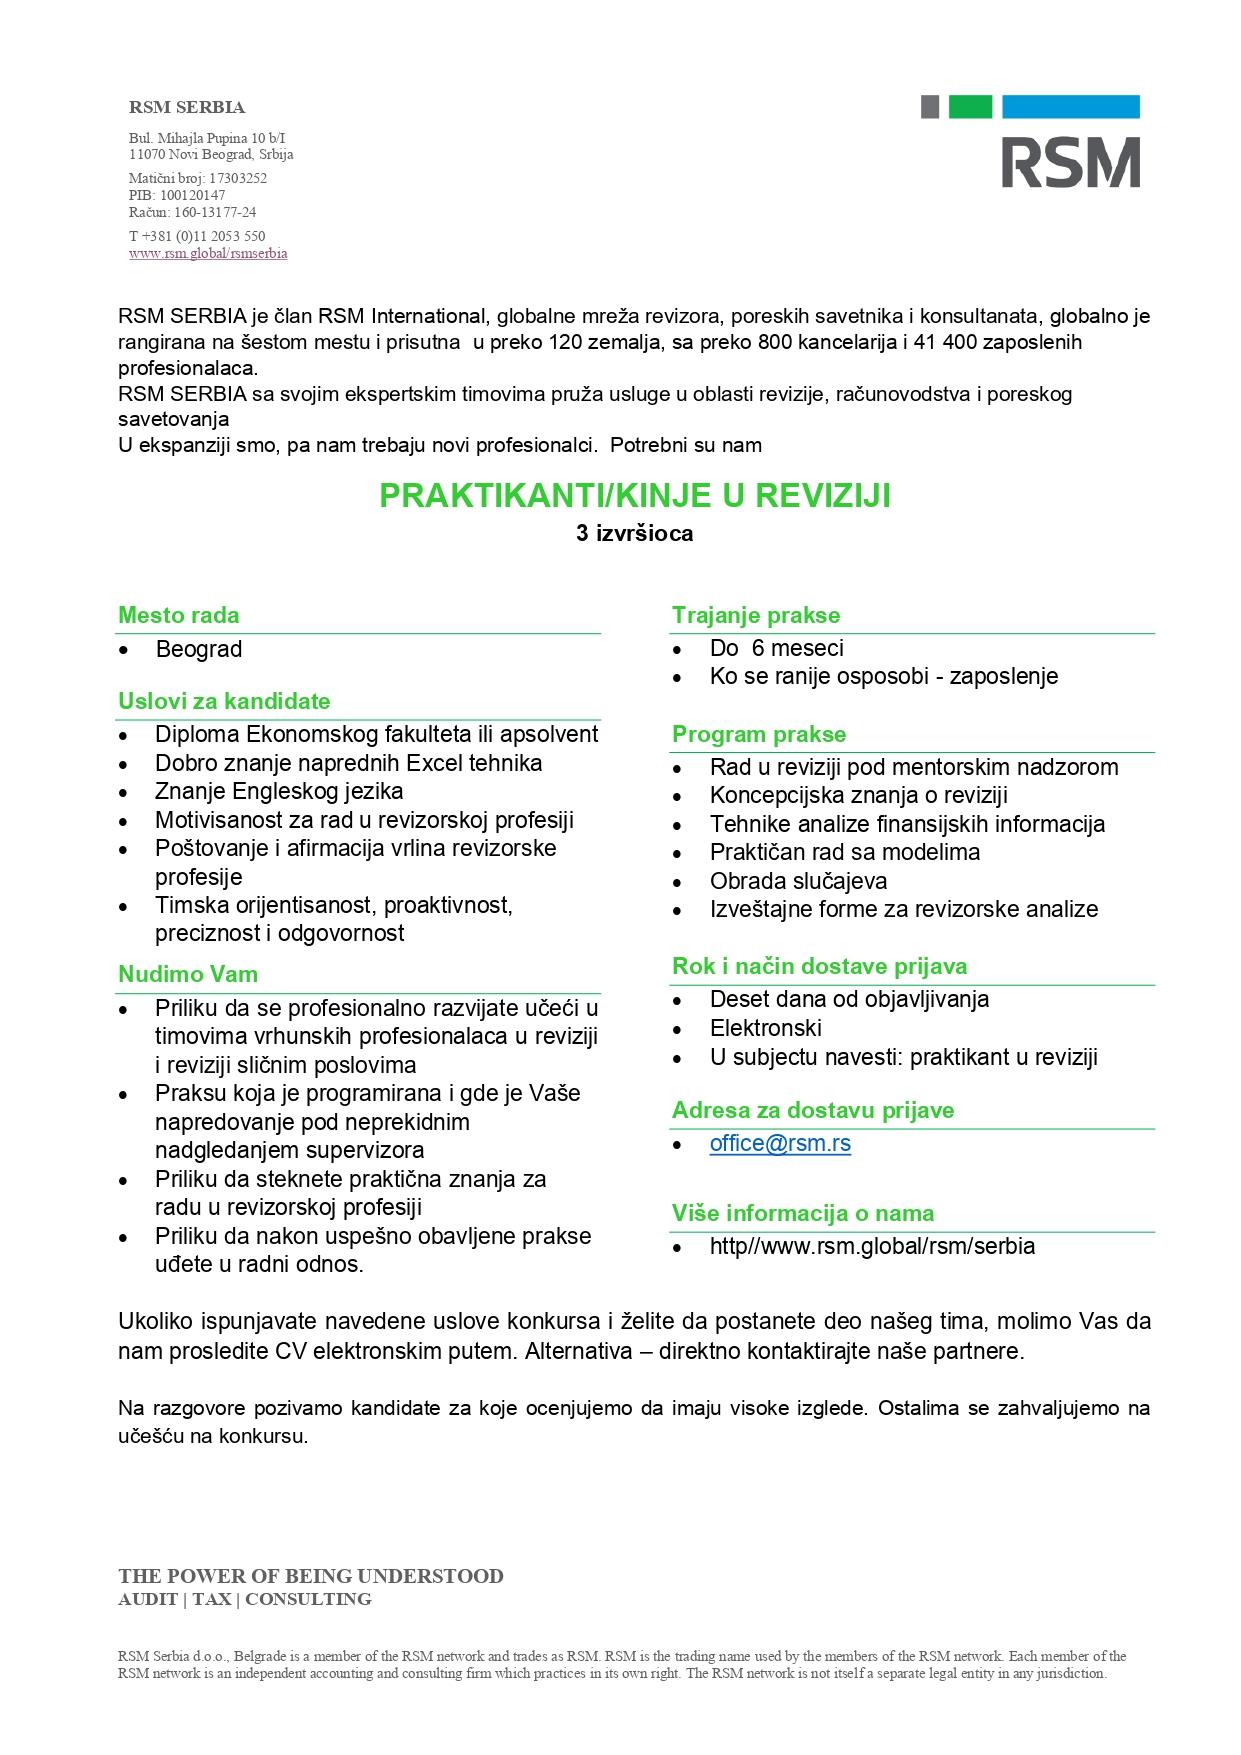 Praktikantt u reviziji 2021_page-0001